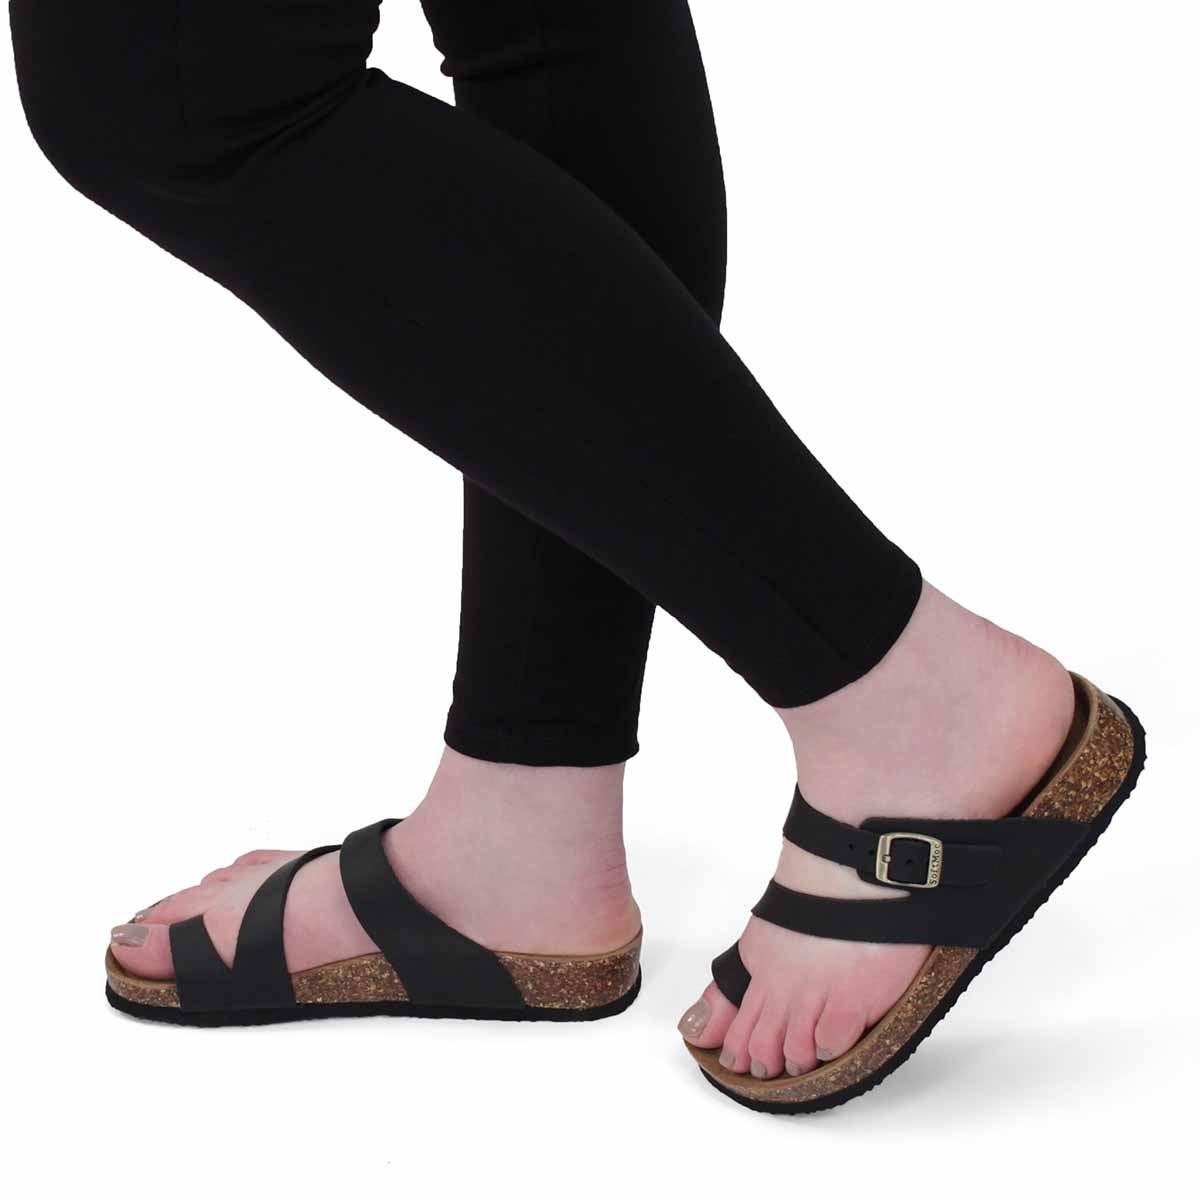 Lds Aileen 5 blk crz memory foam sandal